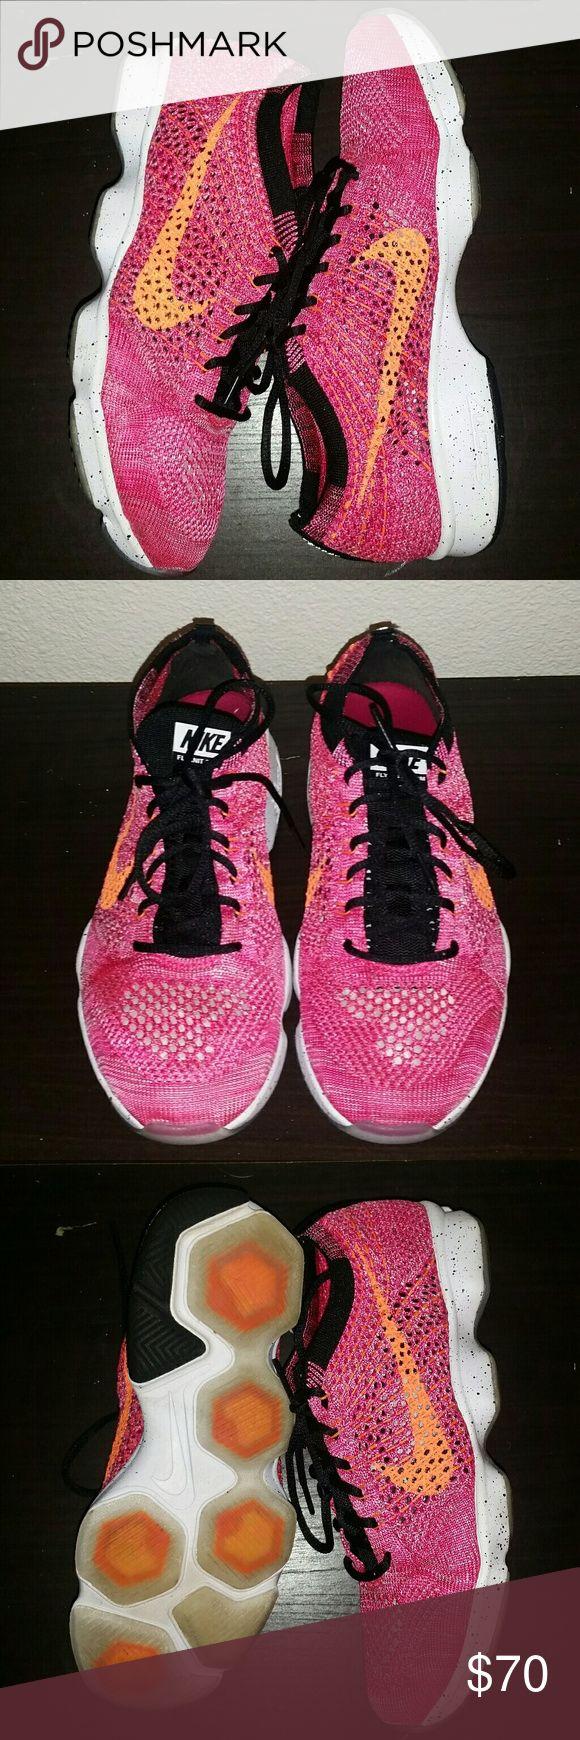 Women's Nike Zoom trainer Flyknit Women's Nike Zoom trainer Flyknit size 7.5 great condition nike  Shoes Athletic Shoes